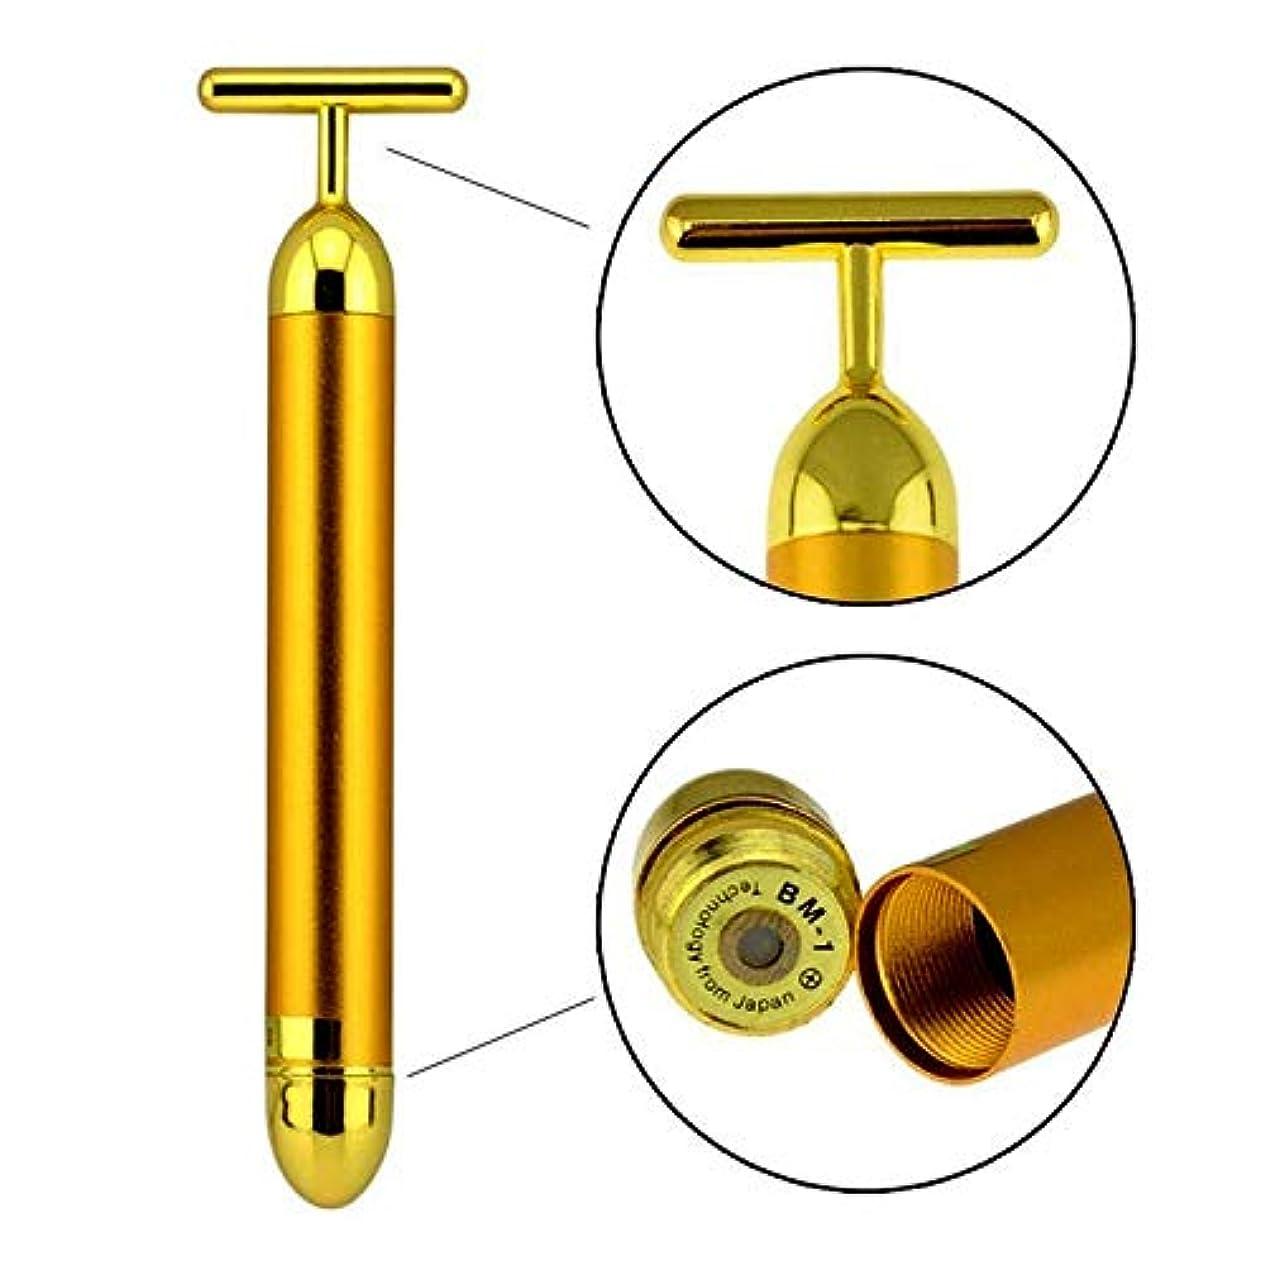 資本主義メンタル有効化24k金美棒、電子顔のローラーの防水マイクロ振動のマッサージャー